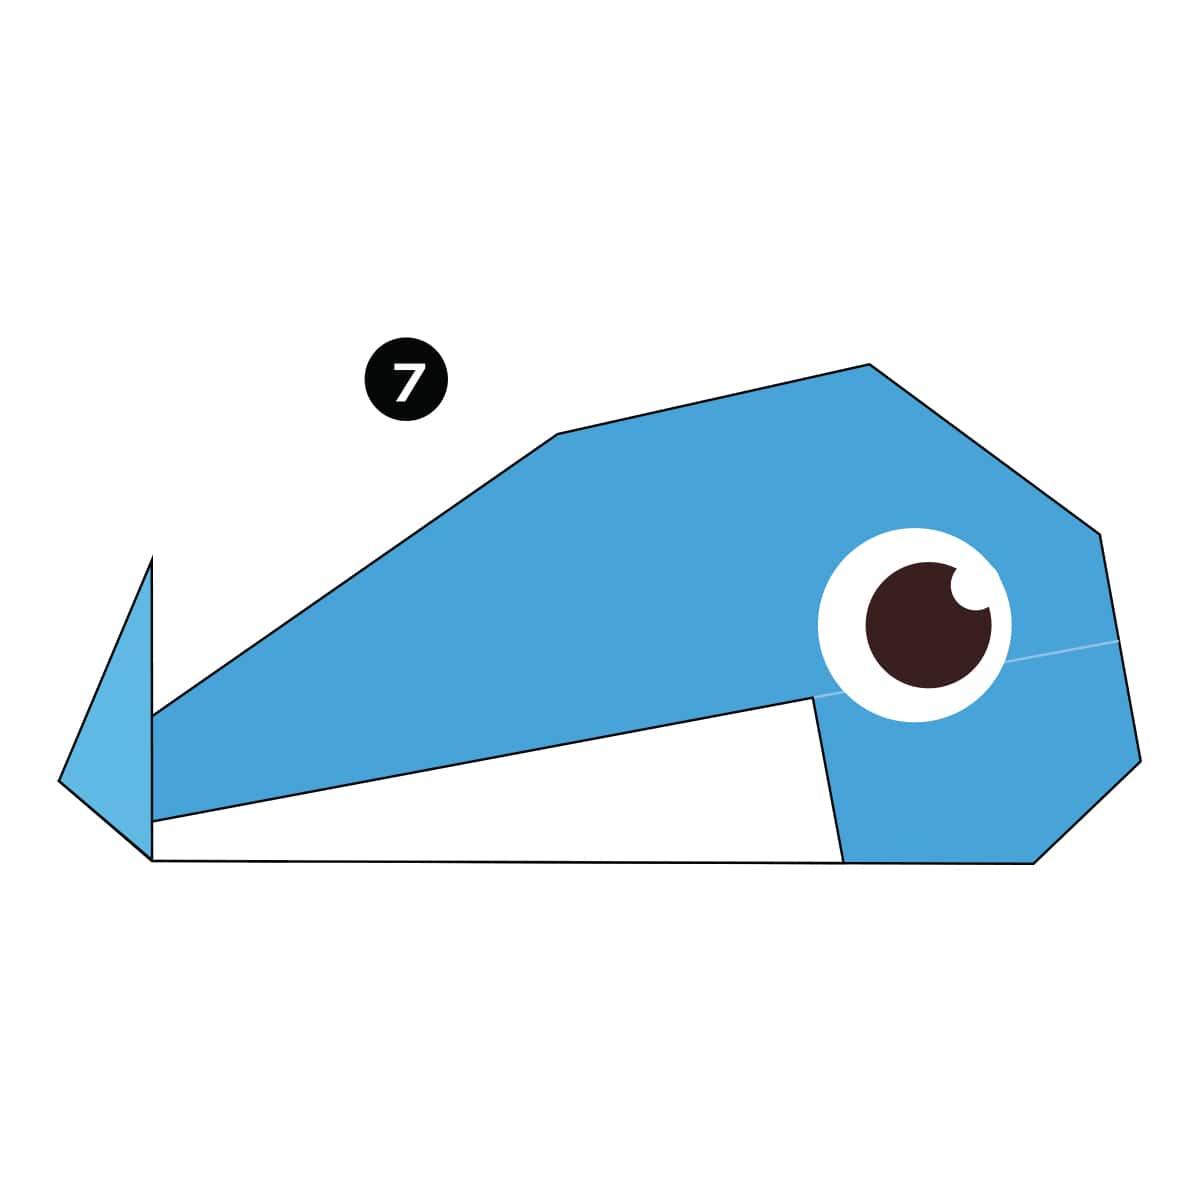 Whale Step 7